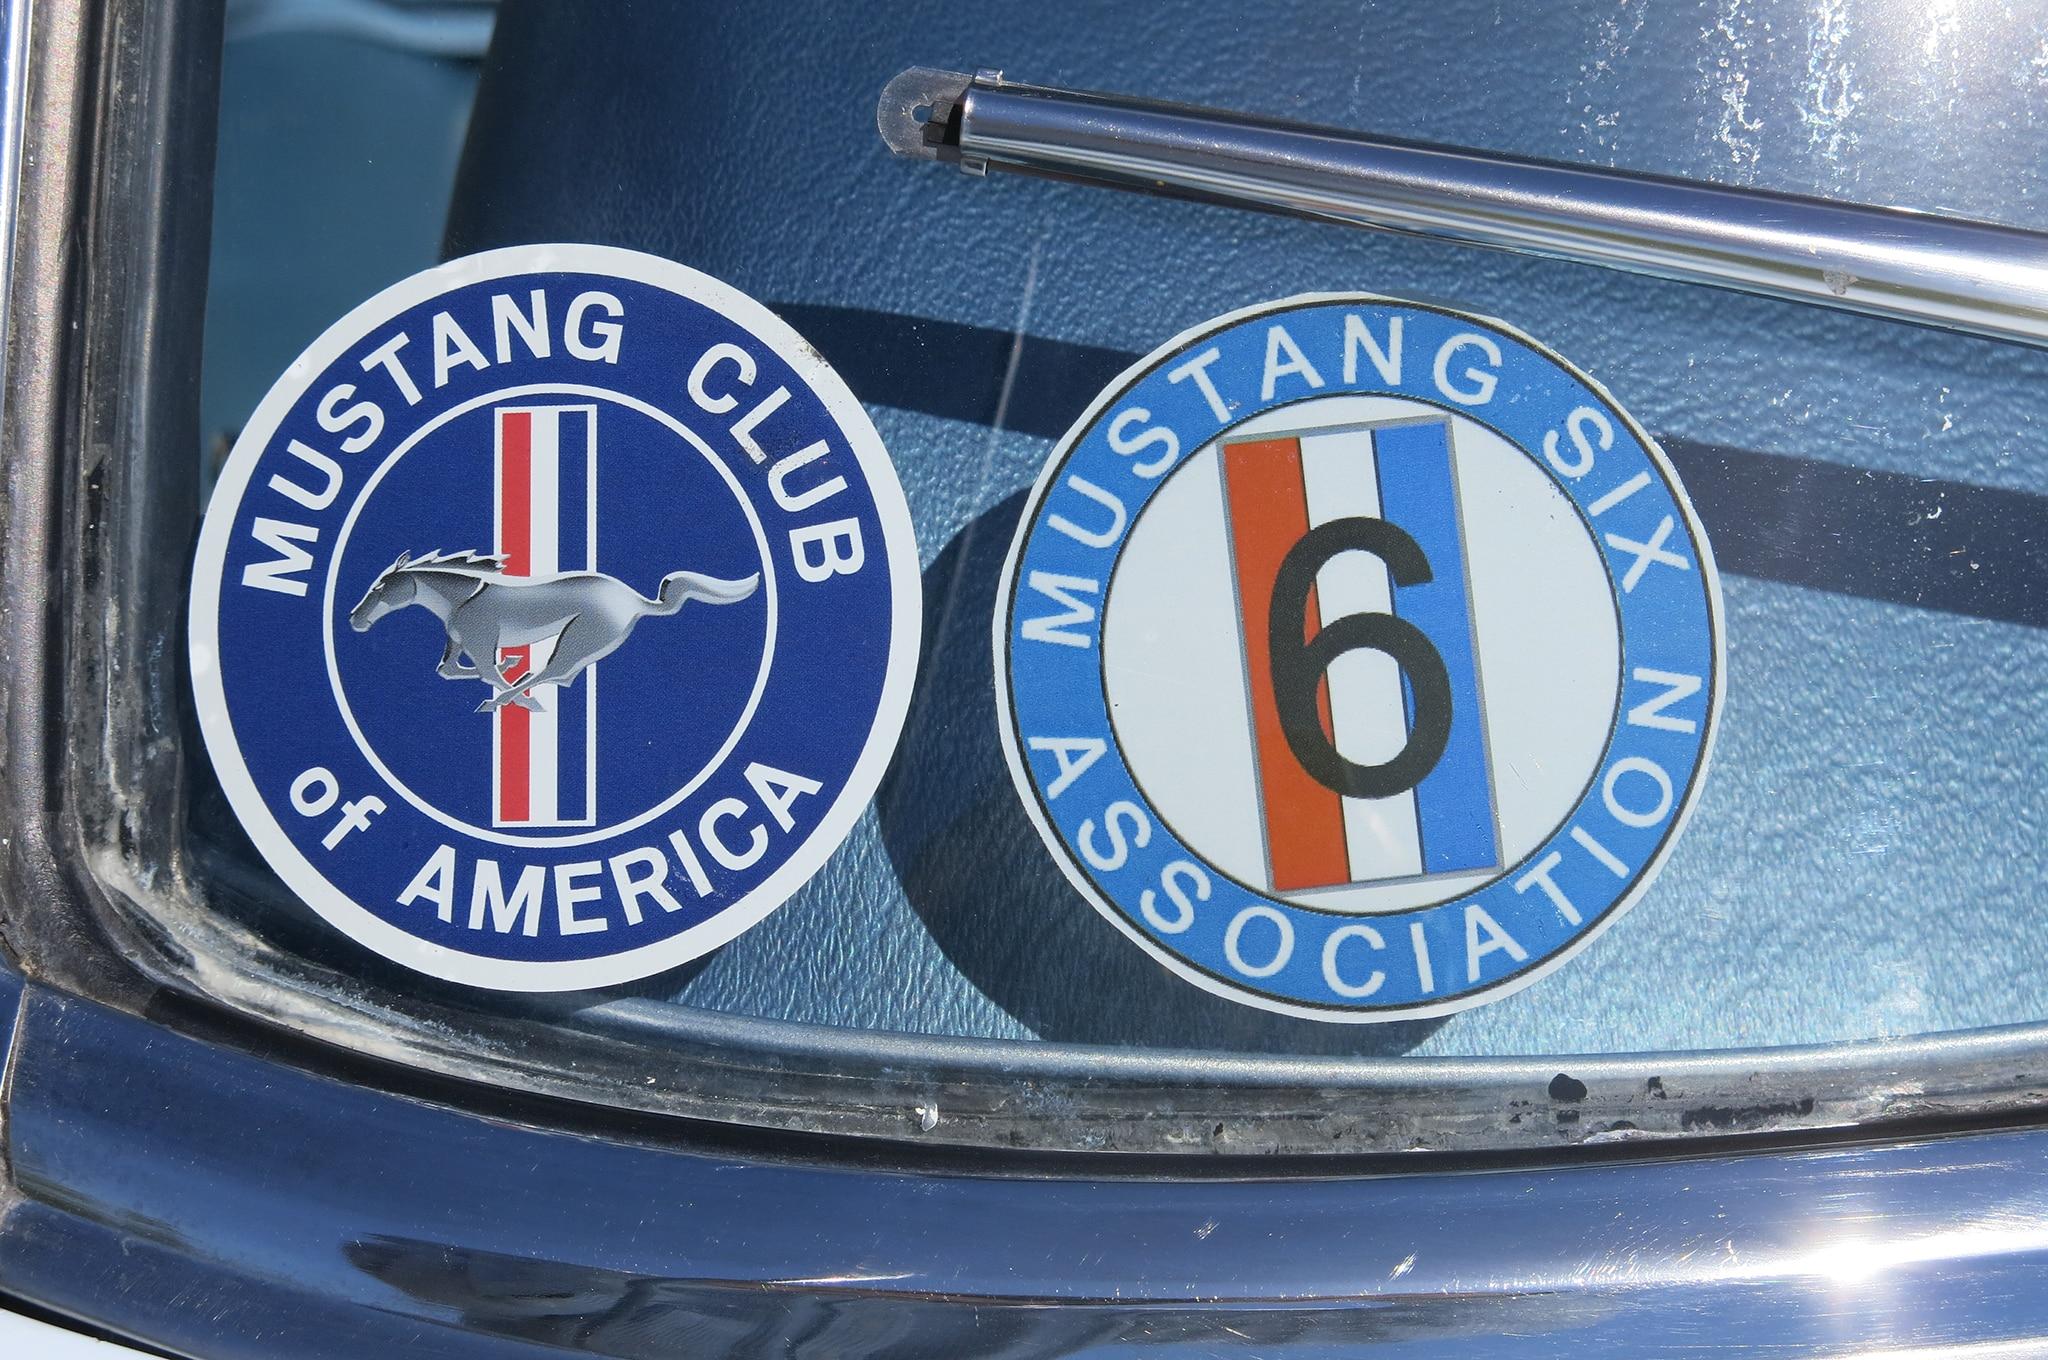 Mustang Six Association